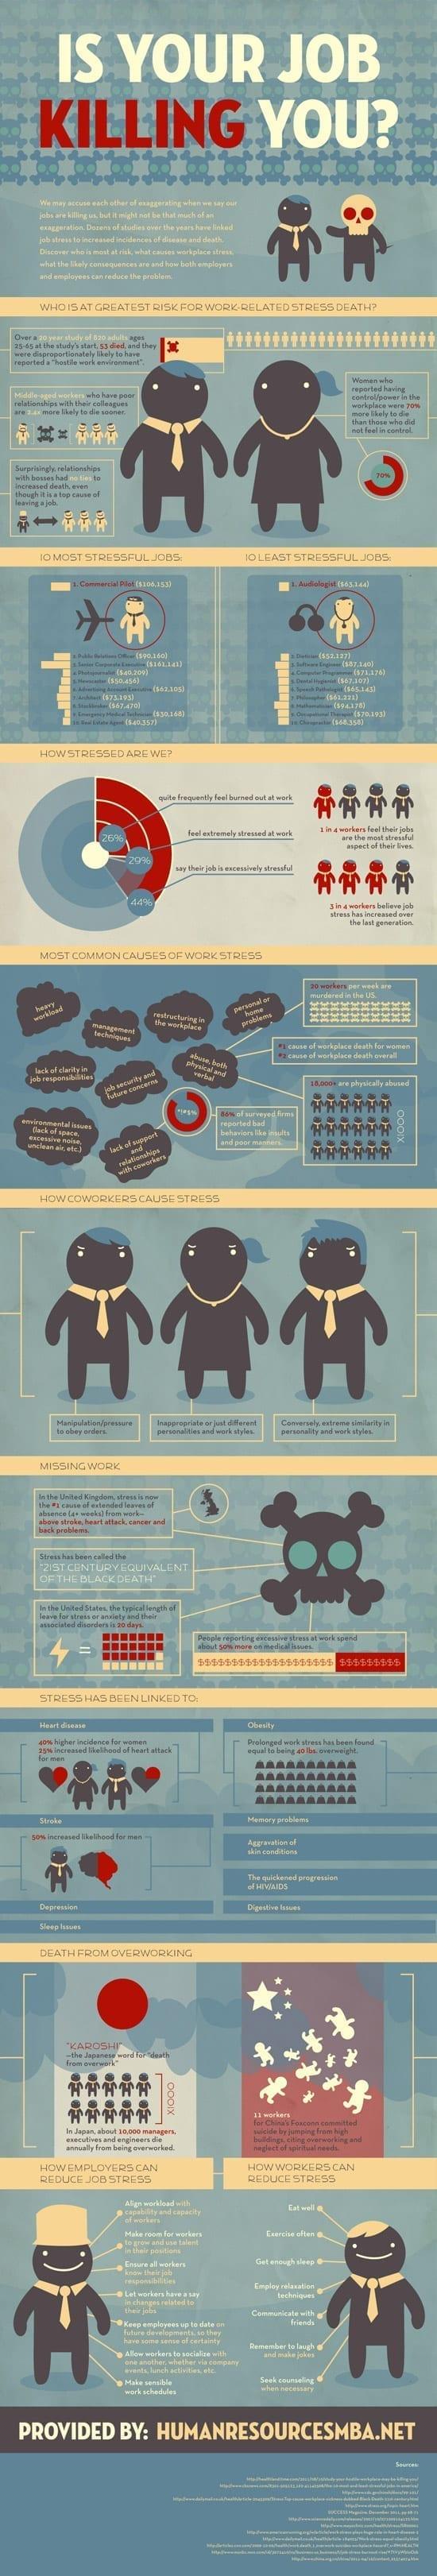 Cat de stresant e job-ul tau? [infografic]